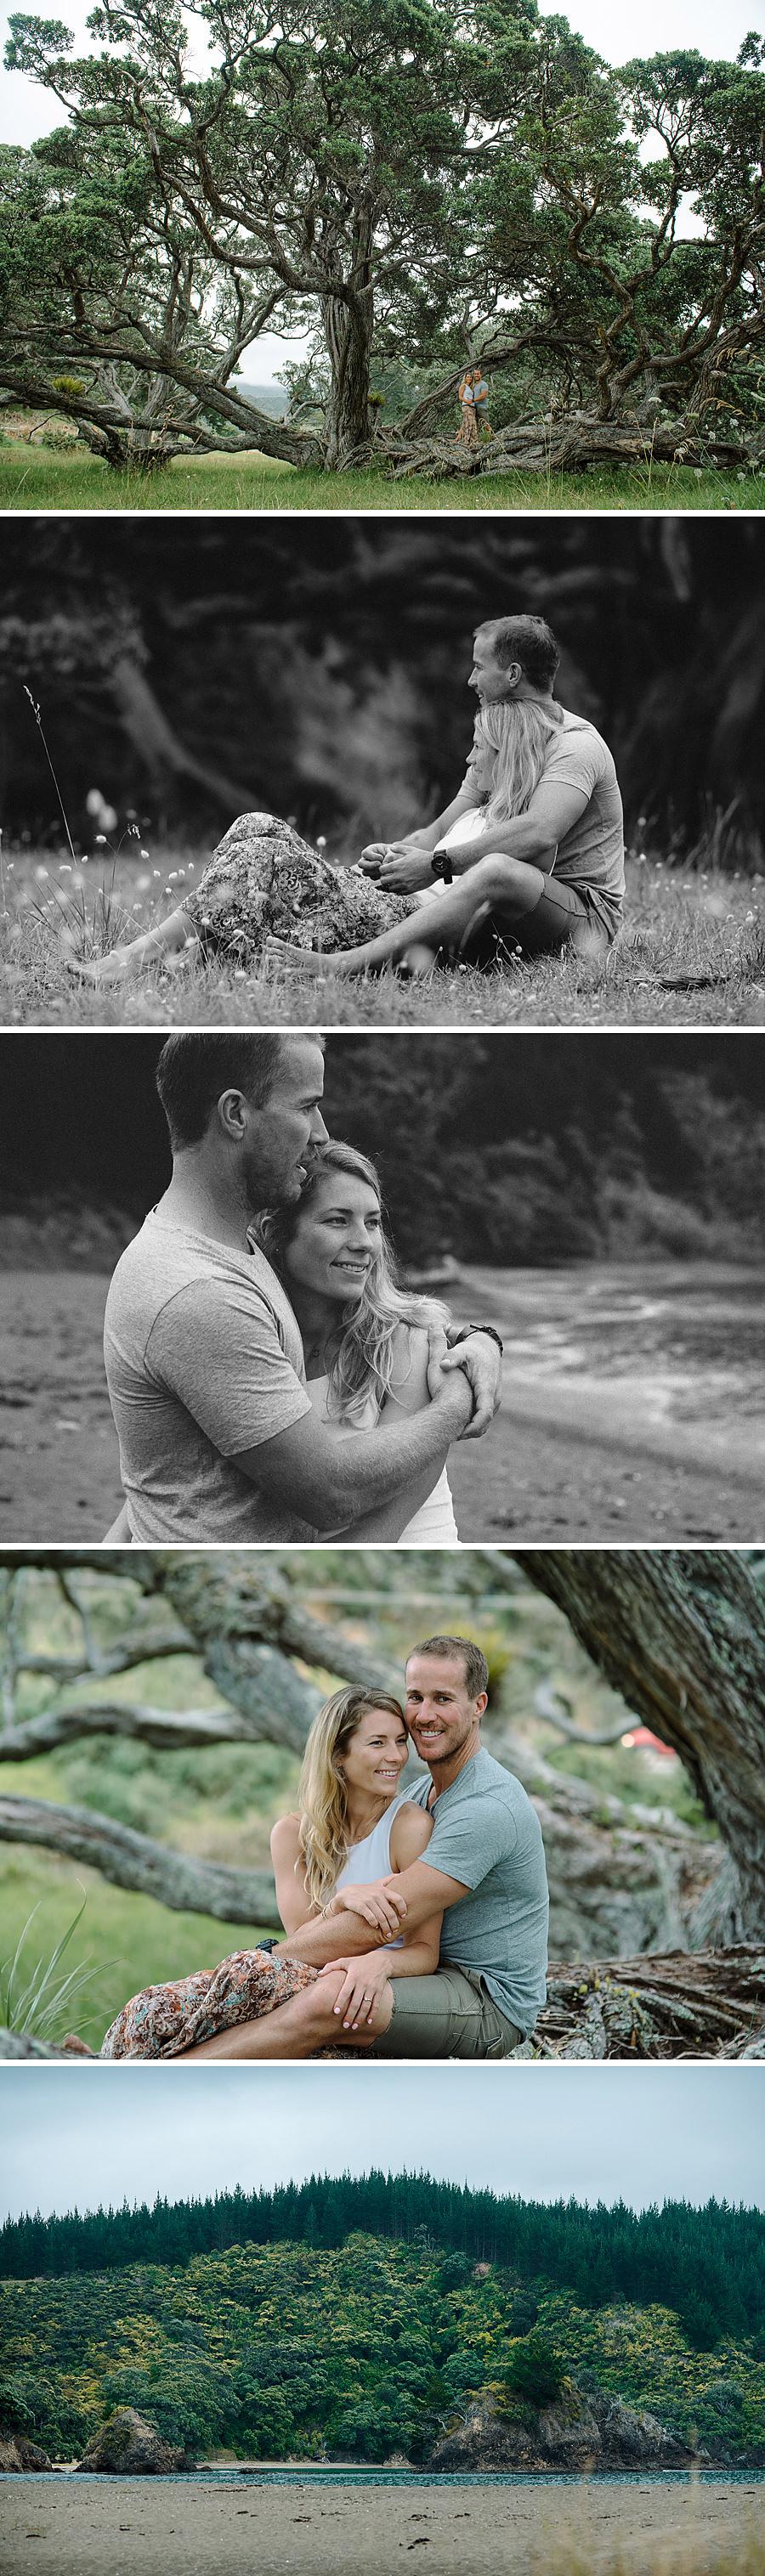 Engagement photographer Jess Burges_Northland New Zealand